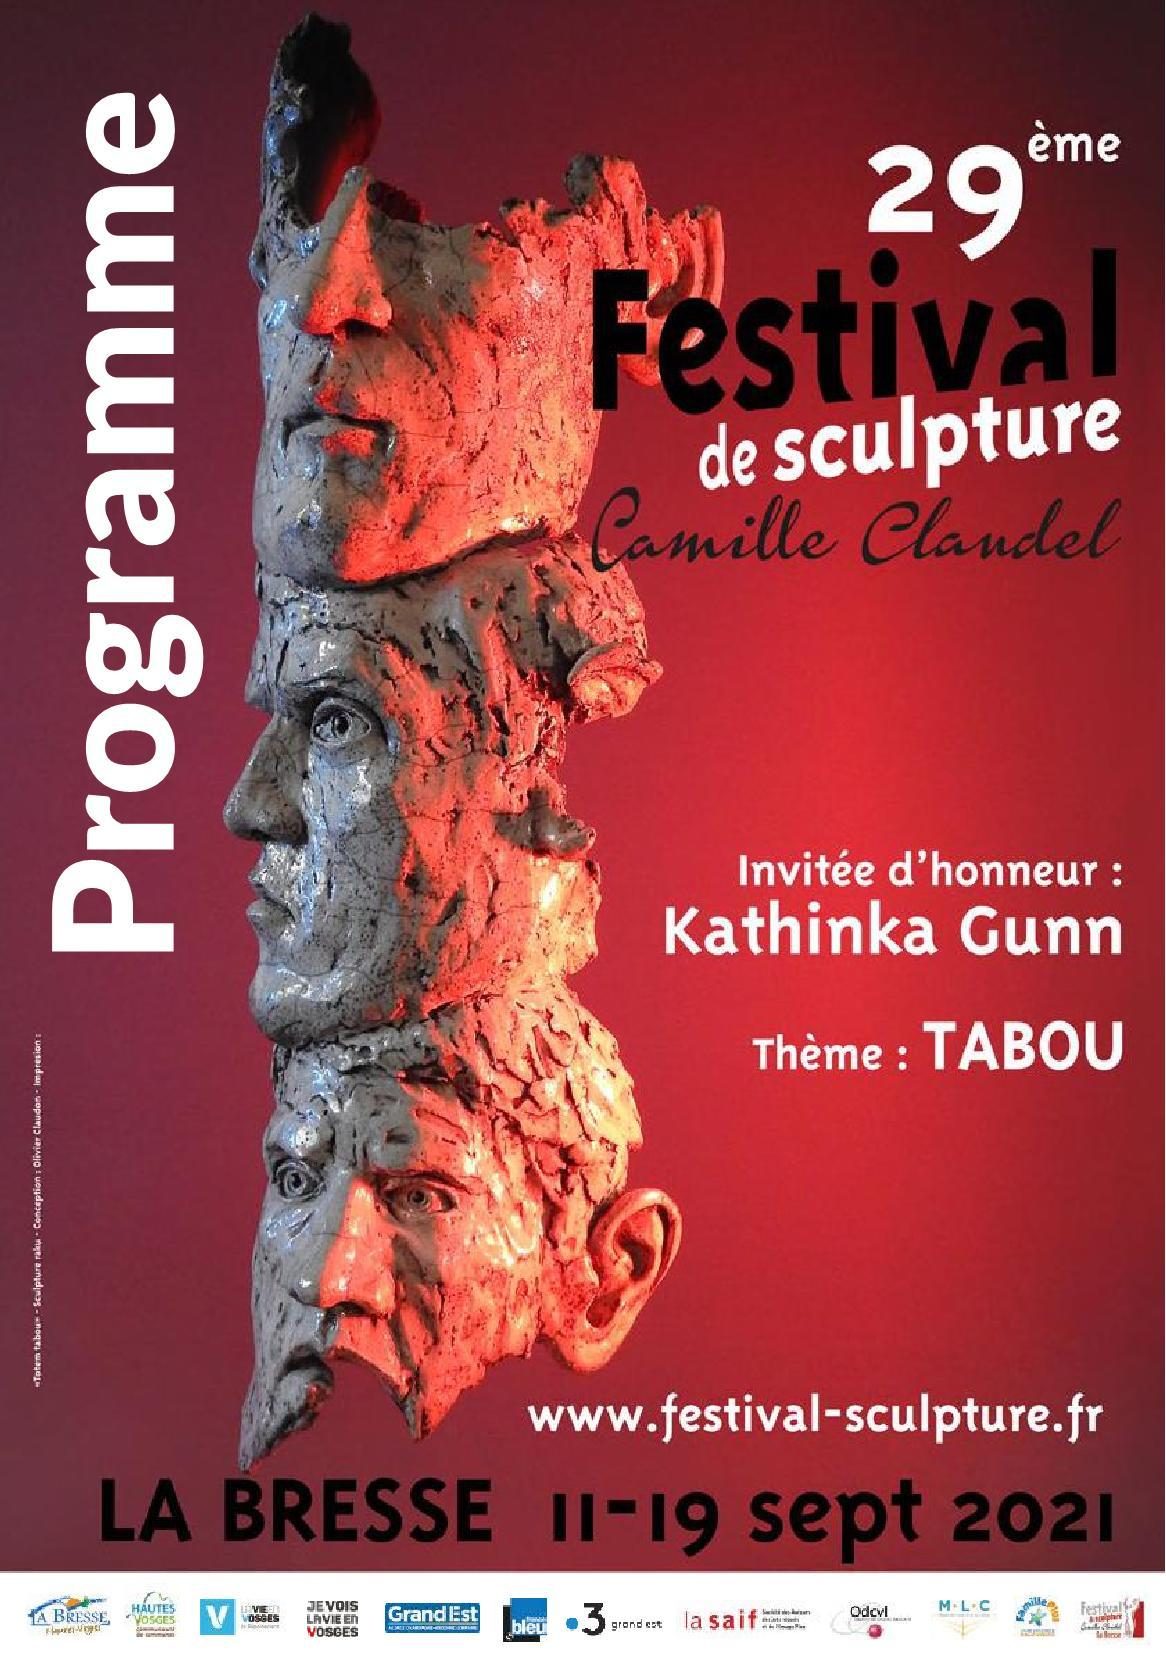 Festival de Sculpture Camille Claudel à La Bresse 2021 Expositions Ateliers Animations & Marché d'Artisanat d'Art